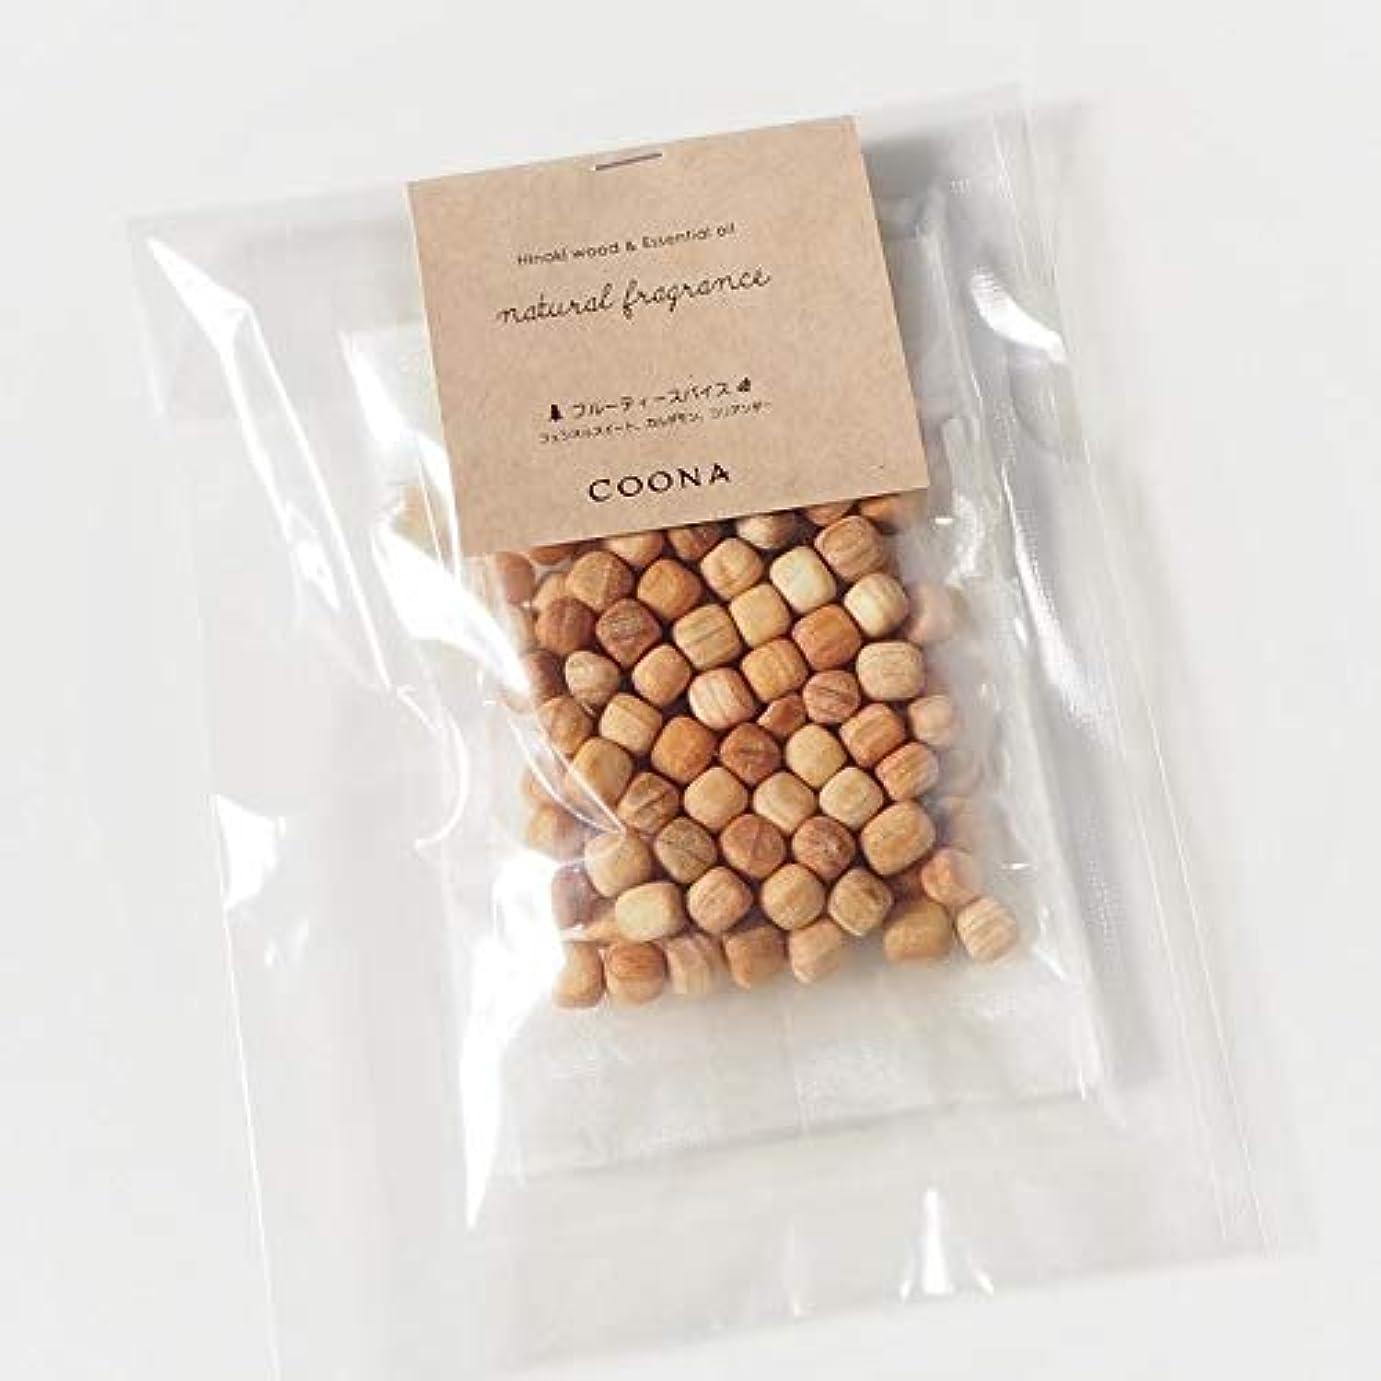 膨張する解体する基本的なヒノキ ウッド& エッセンシャルオイル ナチュラルフレグランス (オーガンジーバッグ付き, 樹の香り)